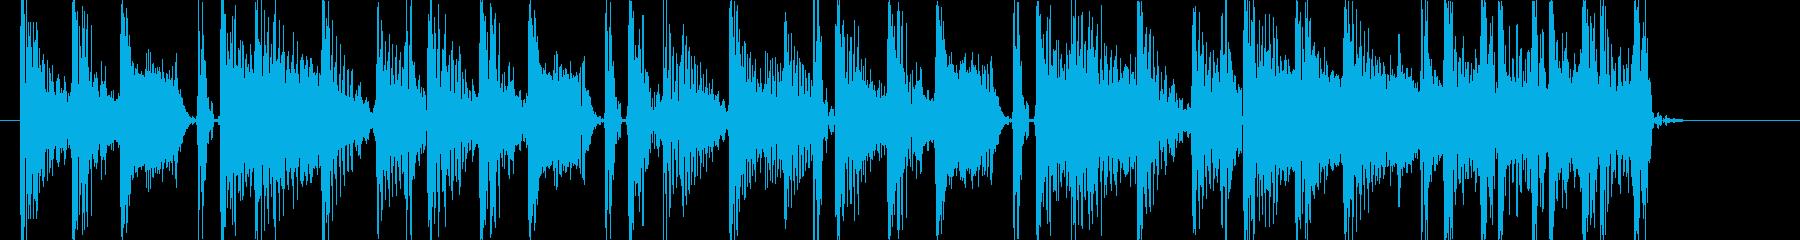 ローファイヒップホップなアイキャッチの再生済みの波形